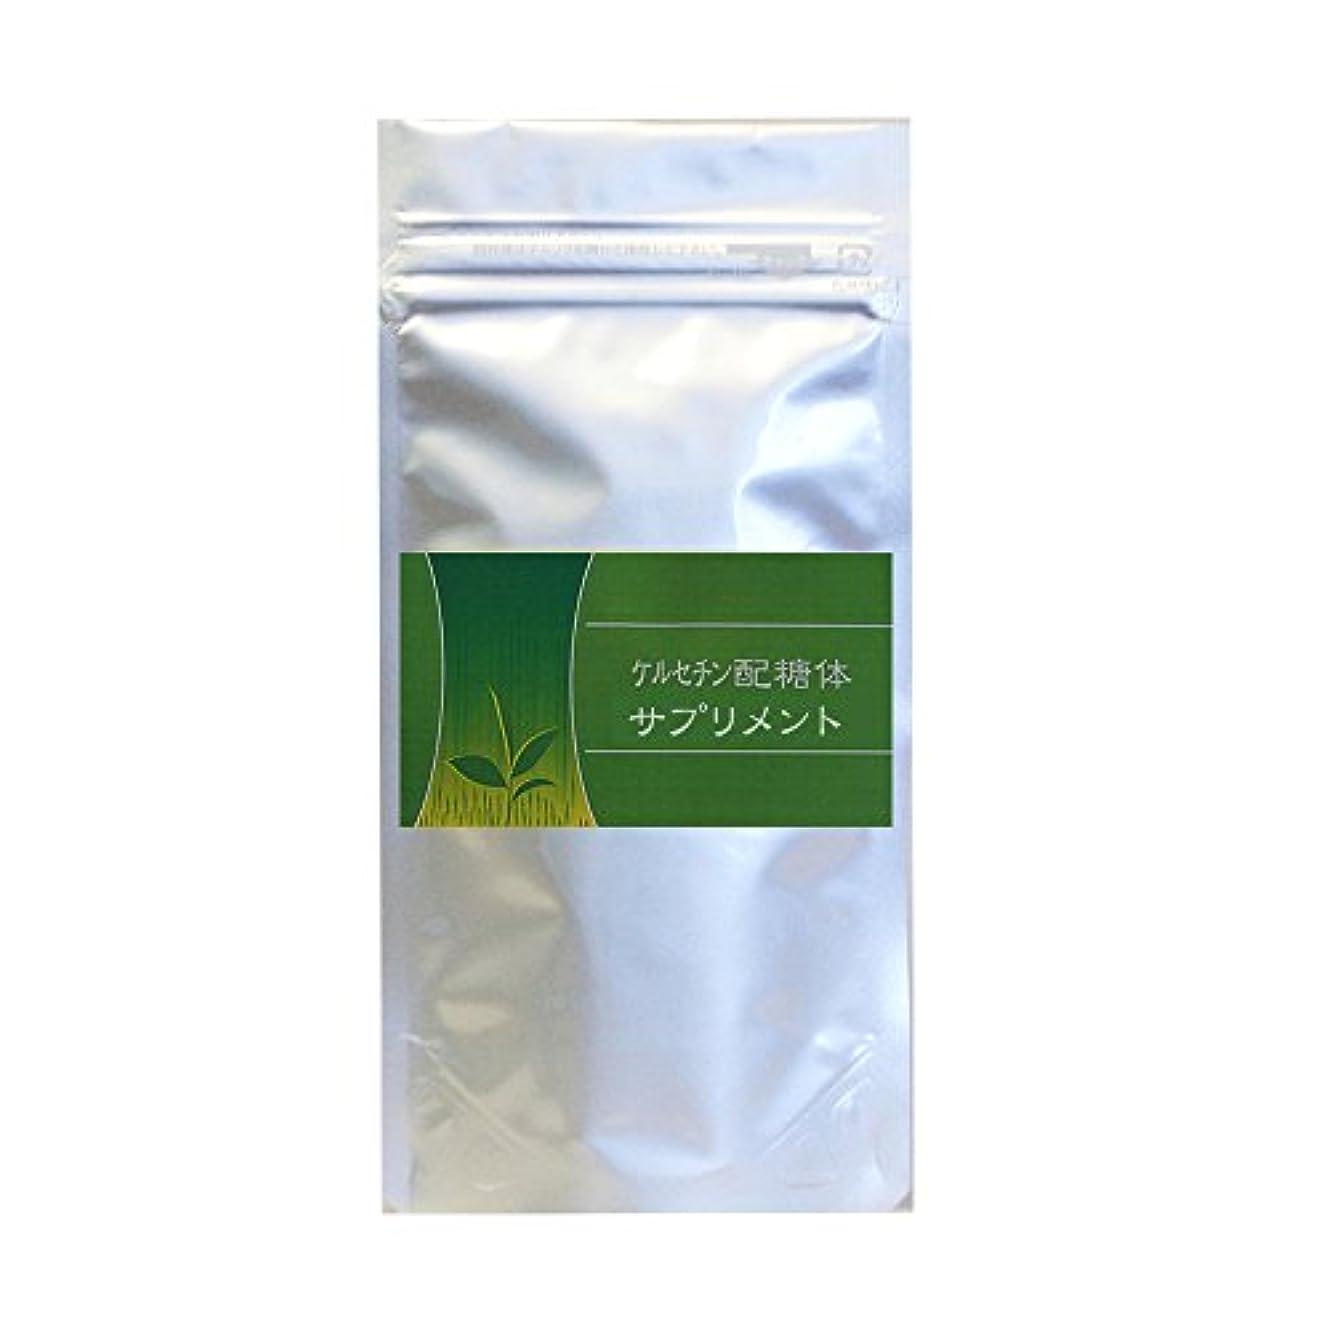 契約する植物学者恐怖症ケルセチン配糖体サプリメント90粒(約1ヶ月分) ケルセチン サプリ カプセル エンジュ由来